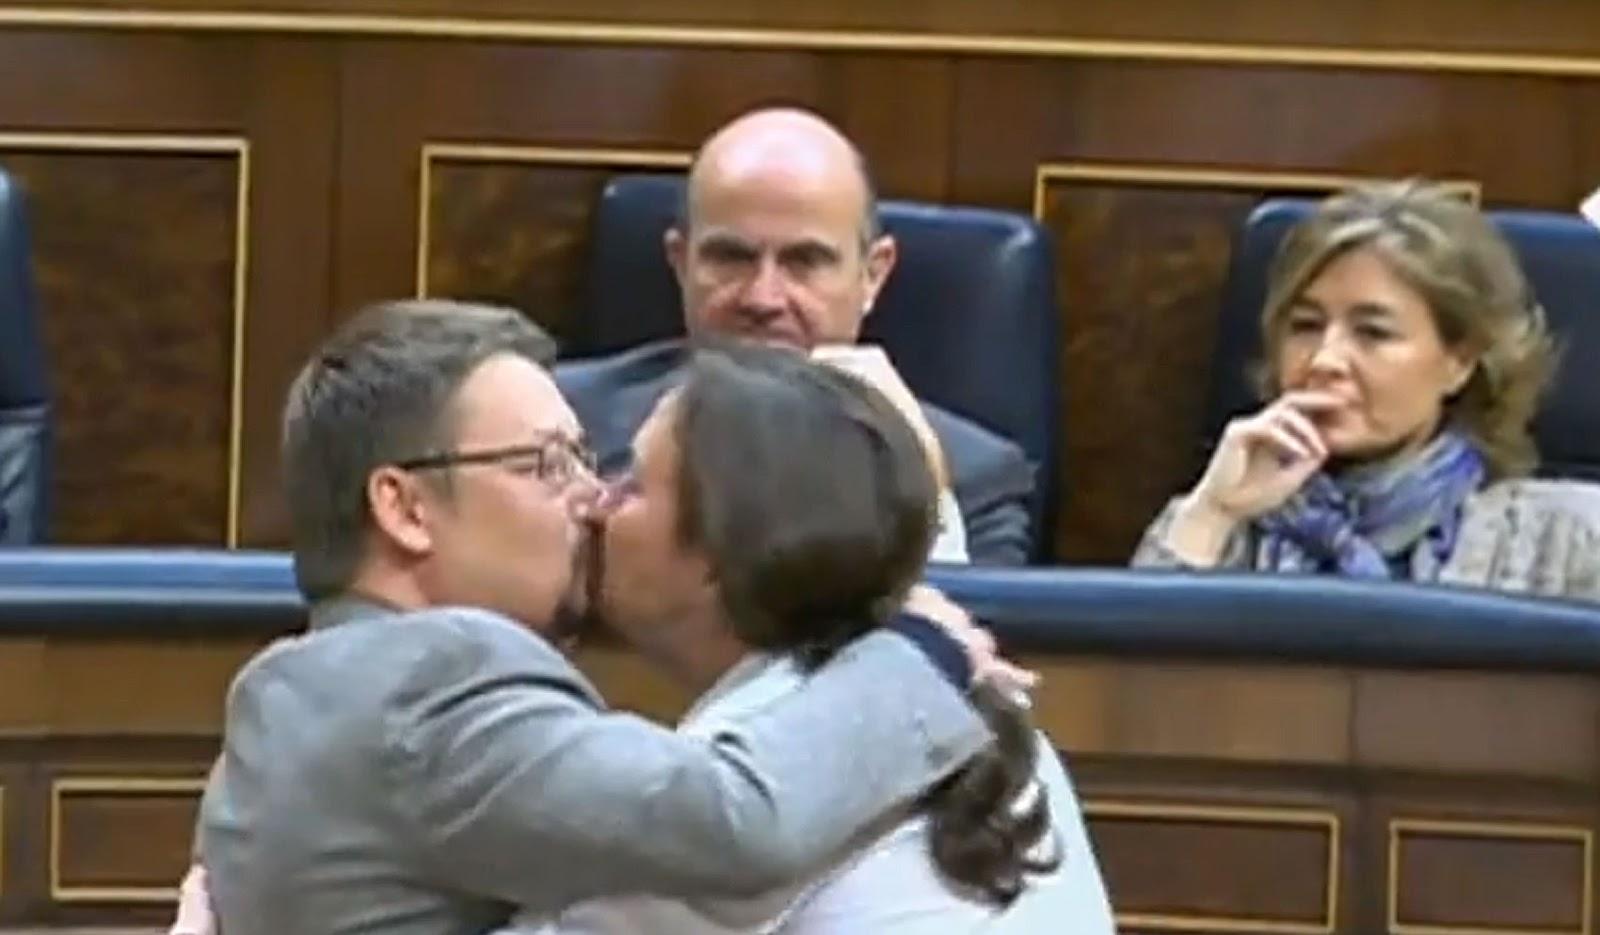 Deputados dão 'selinho' na frente de conservadores durante sessão na Espanha